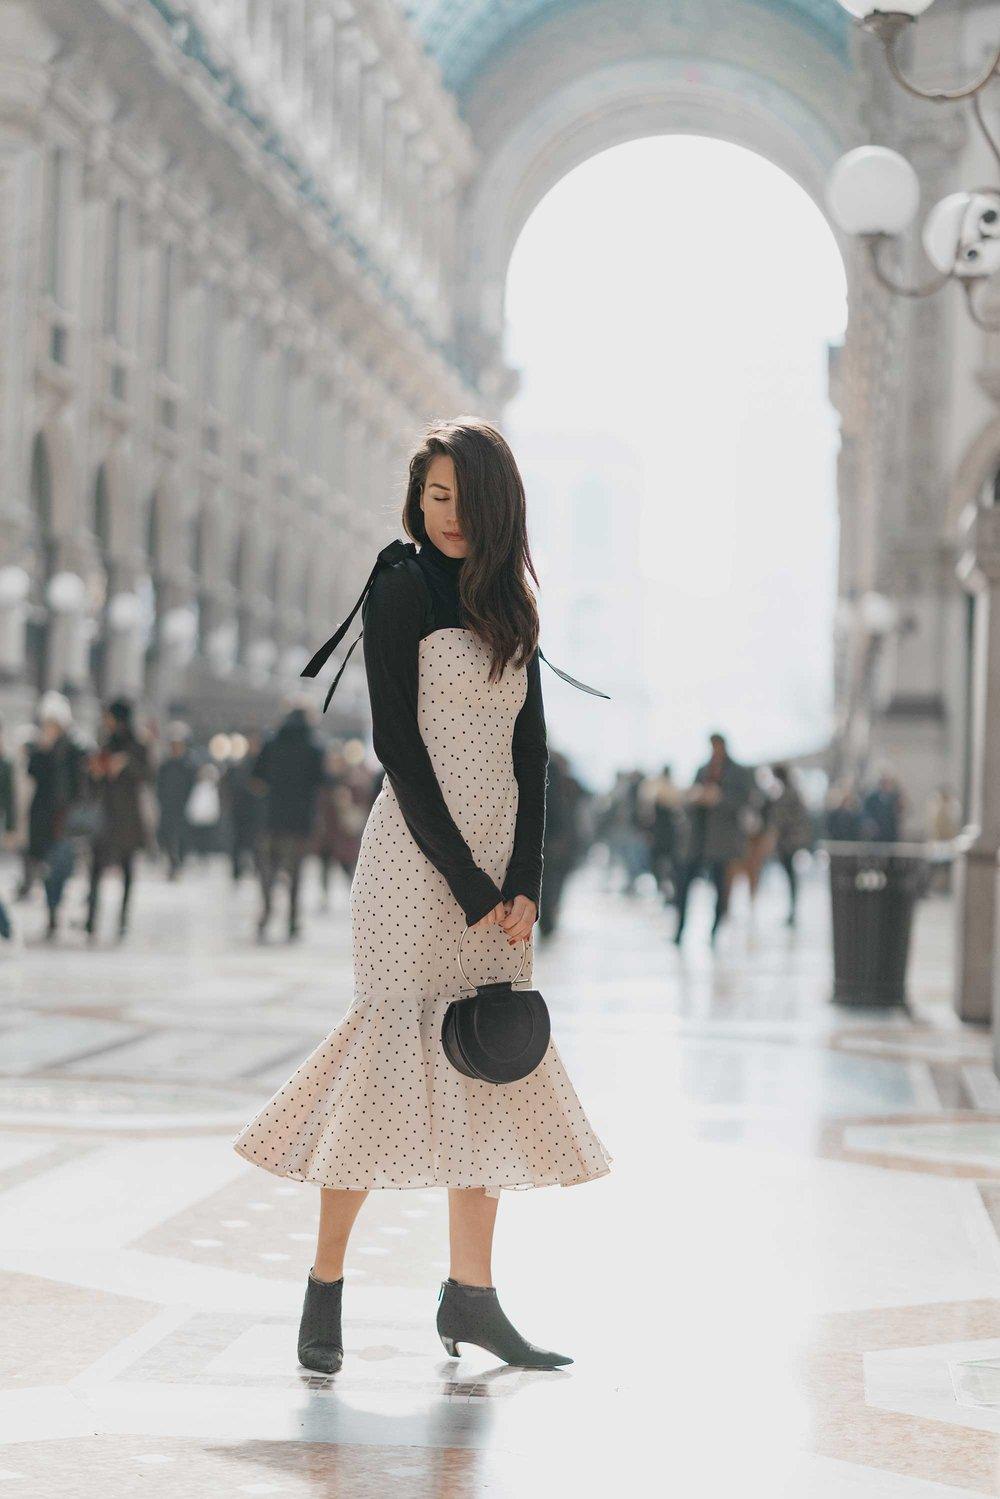 Revolve Mia Midi Polka Dot Dress in Ivory & Black Milan Outfit10.jpg